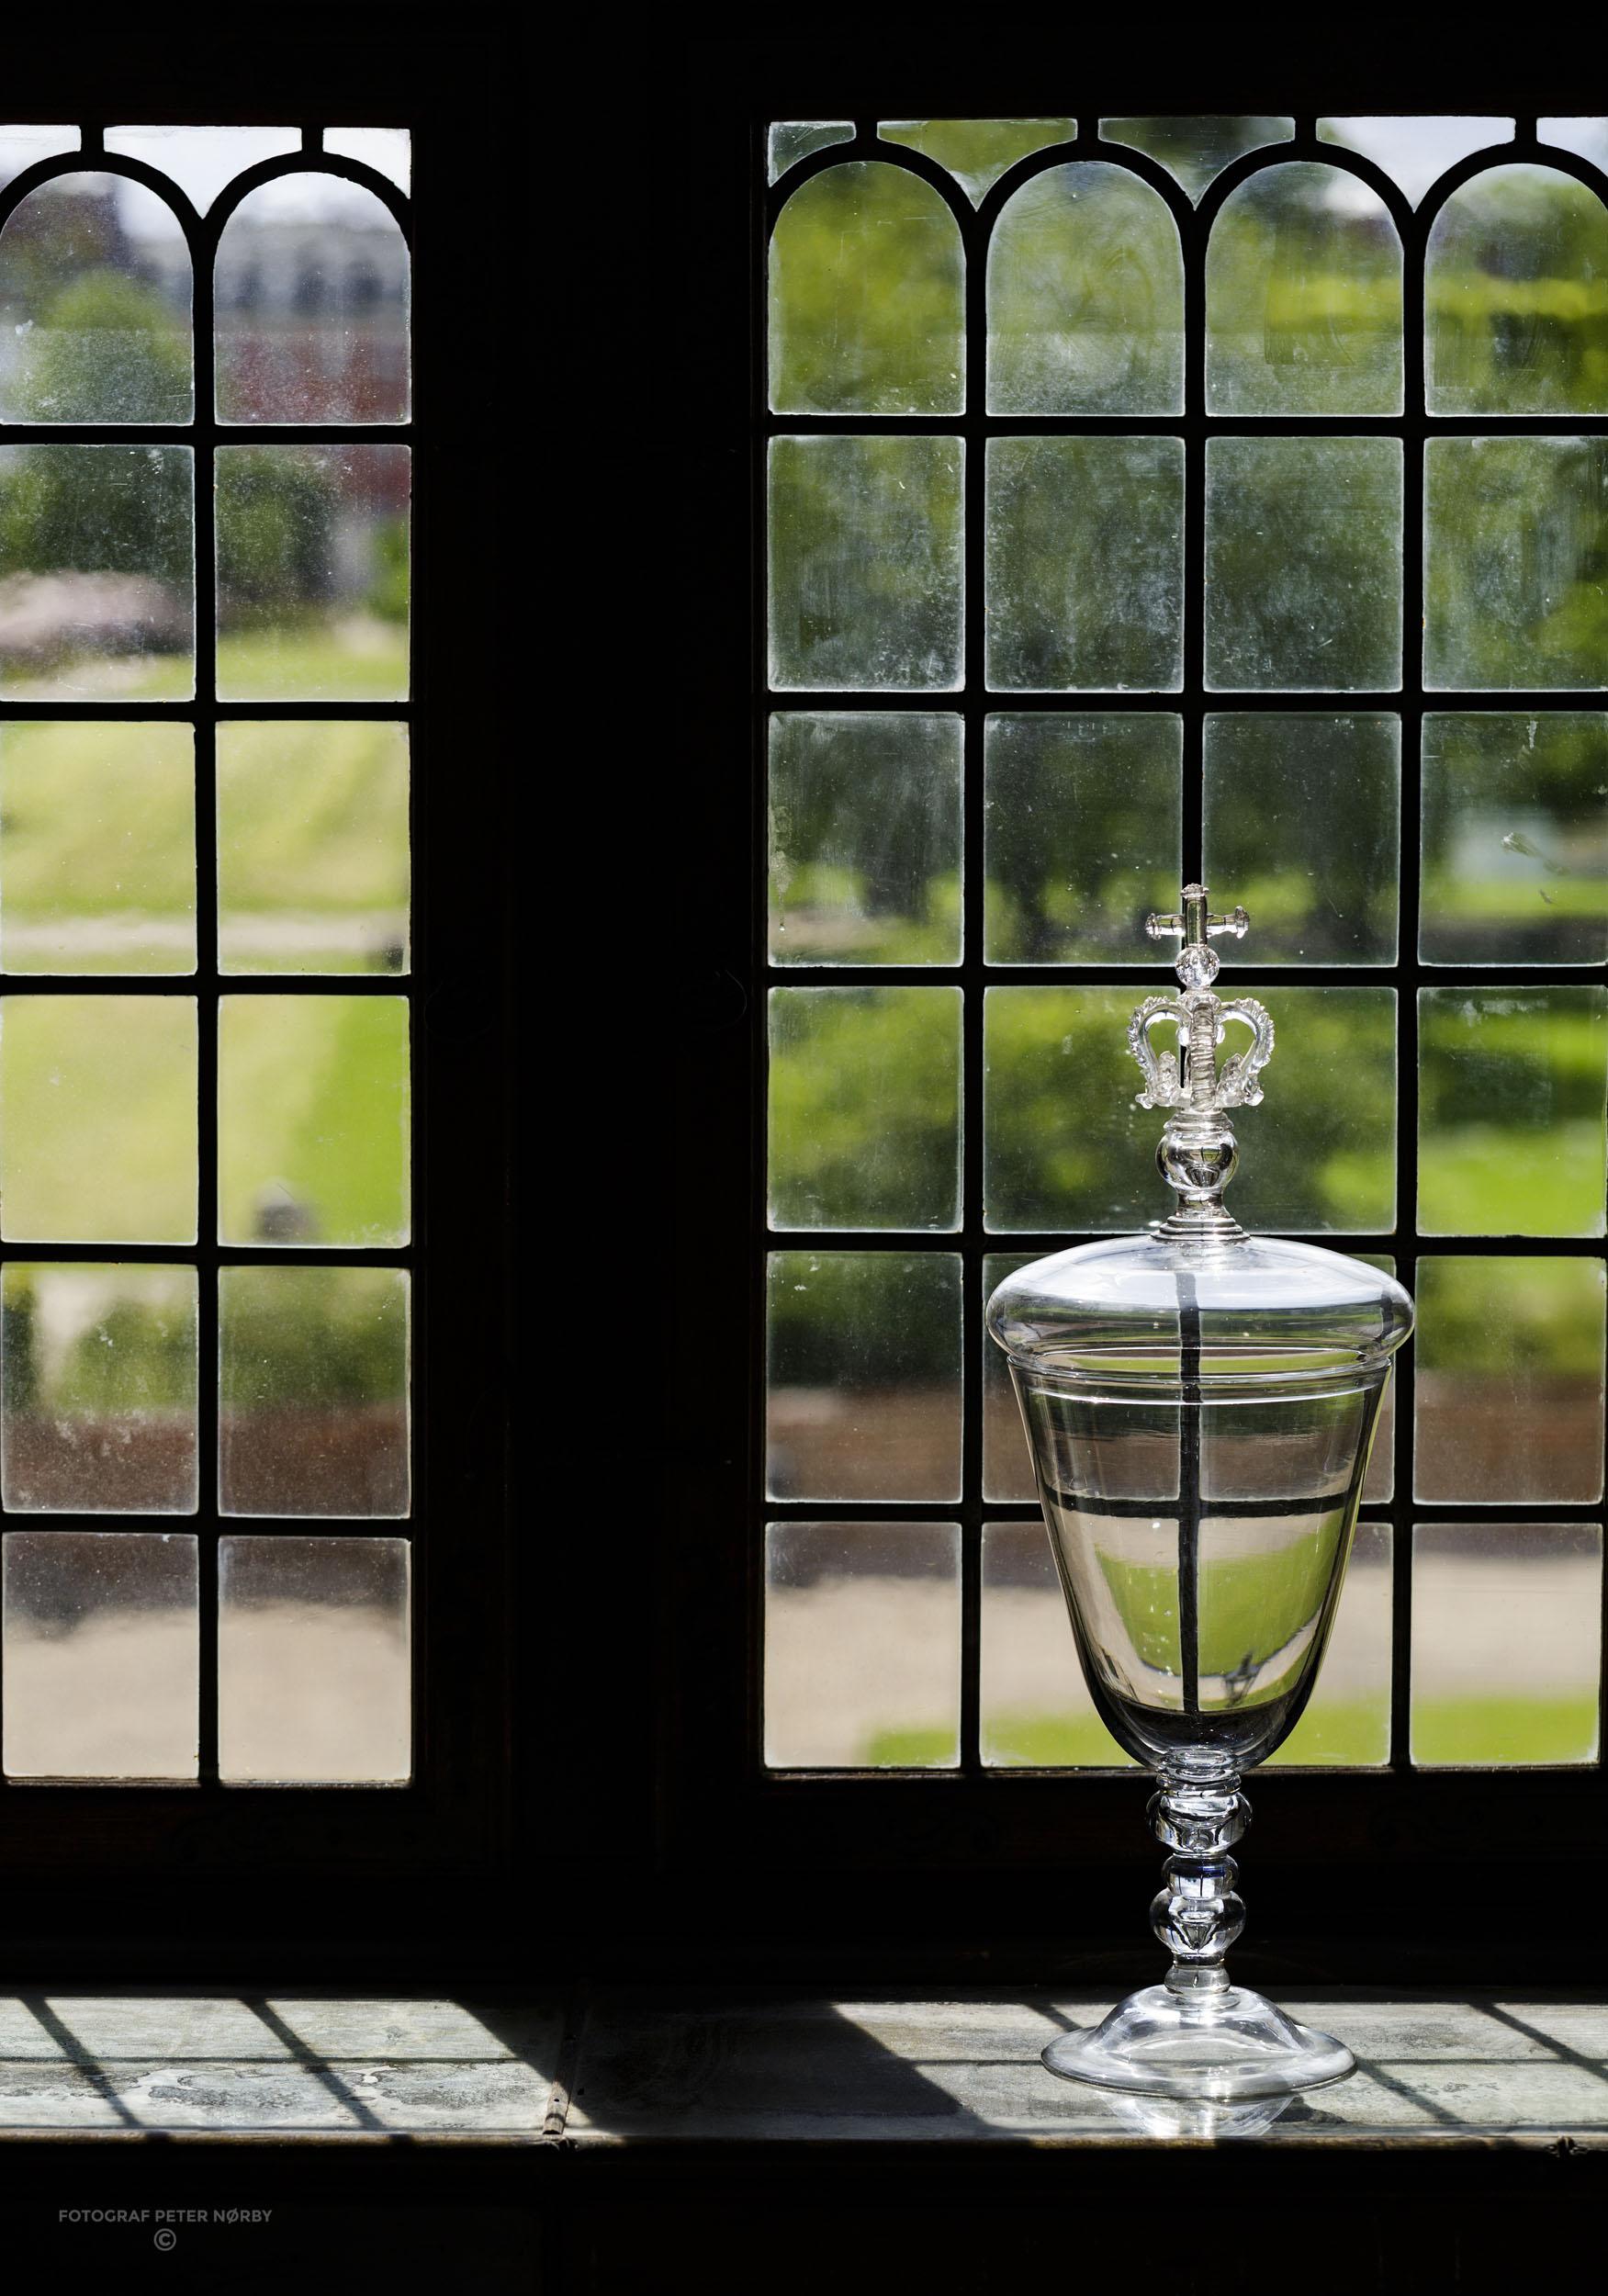 Rosenborg_Room13a__09.jpg